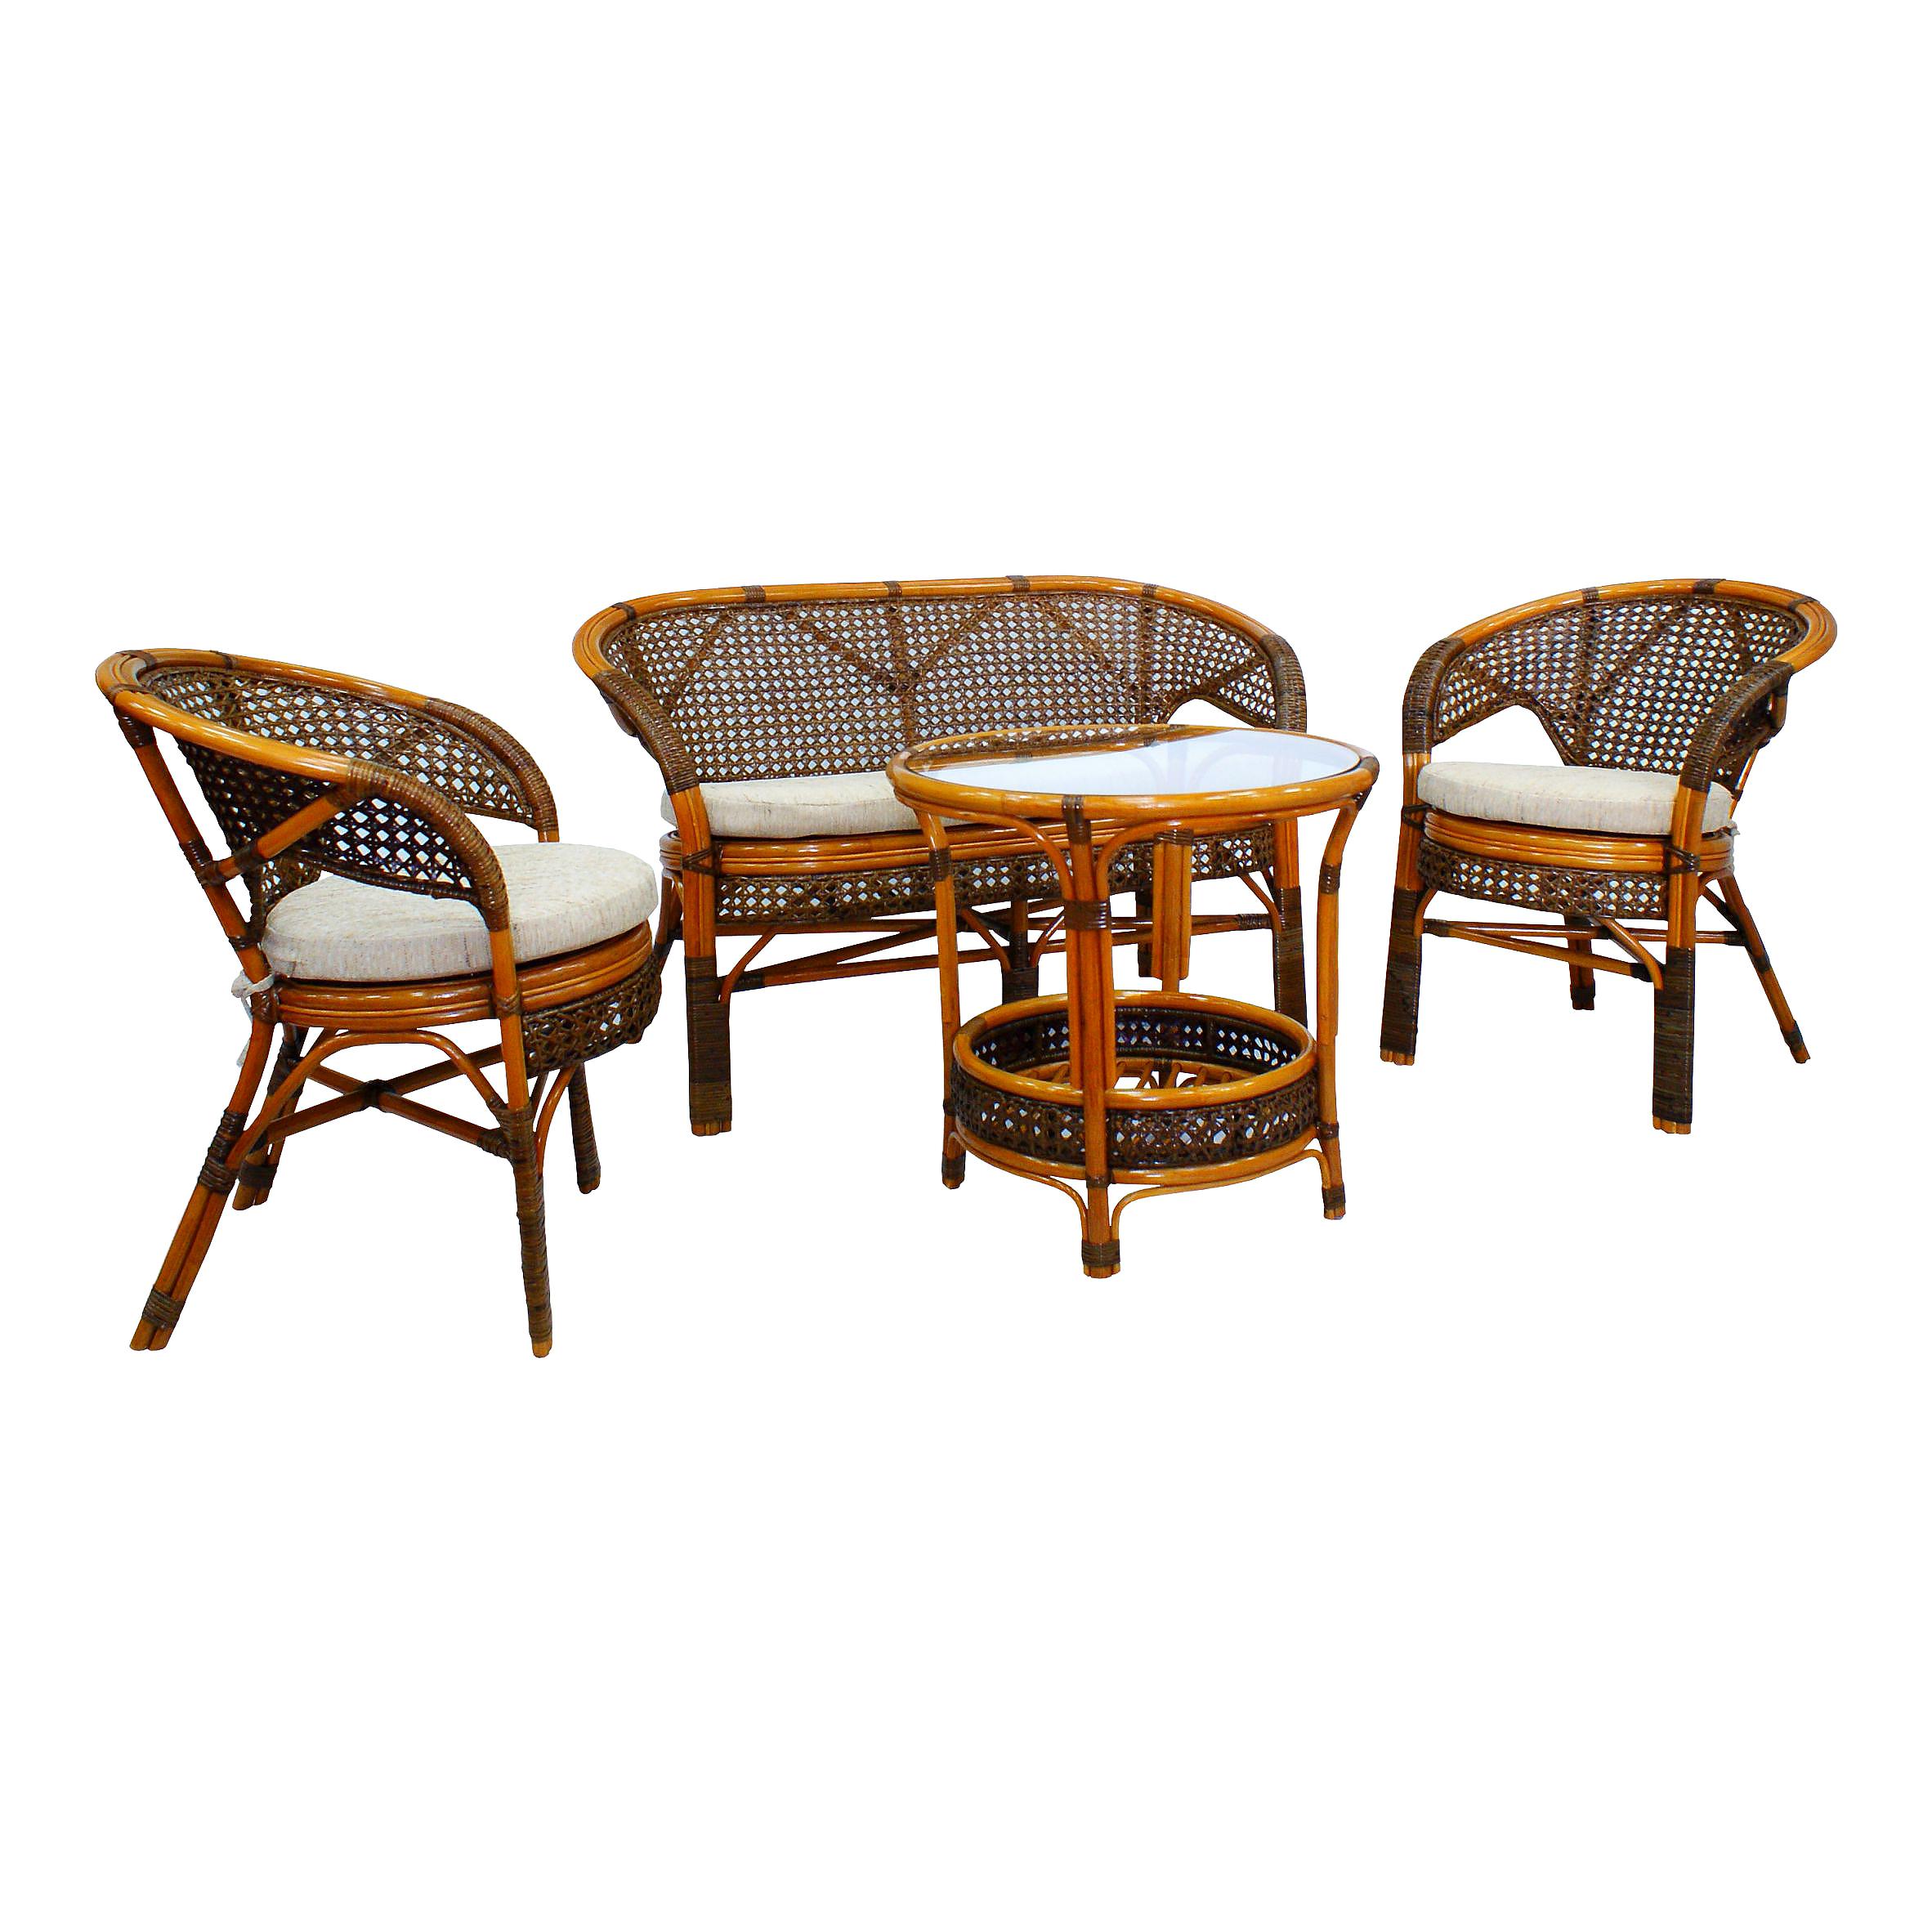 Комплект кофейный ПелангиКомплекты уличной мебели<br>&amp;lt;span style=&amp;quot;line-height: 24.9999px;&amp;quot;&amp;gt;Несмотря на изящное плетение из ротанга, этот комплект мебели может выдерживать большой вес. Важным достоинством является анатомическая спинка и сплошное ротанговое плетение сидения и спинки, что позволяет использовать комплект без подушки.В комплект входят два кресла, диван, мягкие подушки (на сидение), столик со стеклом (вставляется в паз).&amp;lt;/span&amp;gt;&amp;lt;div style=&amp;quot;line-height: 24.9999px;&amp;quot;&amp;gt;&amp;lt;br&amp;gt;&amp;lt;/div&amp;gt;&amp;lt;div style=&amp;quot;line-height: 24.9999px;&amp;quot;&amp;gt;Материал каркаса: натуральный ротанг&amp;lt;/div&amp;gt;&amp;lt;div style=&amp;quot;line-height: 24.9999px;&amp;quot;&amp;gt;Цвет: коричневый&amp;lt;/div&amp;gt;&amp;lt;div style=&amp;quot;line-height: 24.9999px;&amp;quot;&amp;gt;Мягкая обивка/подушка: ткань рогожка&amp;lt;/div&amp;gt;&amp;lt;div style=&amp;quot;line-height: 24.9999px;&amp;quot;&amp;gt;Размер: диван 123х70х78 см., кресло 66х70х78 см., стол 61х61х64 см&amp;lt;/div&amp;gt;&amp;lt;div style=&amp;quot;line-height: 24.9999px;&amp;quot;&amp;gt;Выдерживаемая нагрузка, кг: 100.&amp;lt;/div&amp;gt;<br><br>Material: Ротанг<br>Ширина см: 123<br>Высота см: 70<br>Глубина см: 78